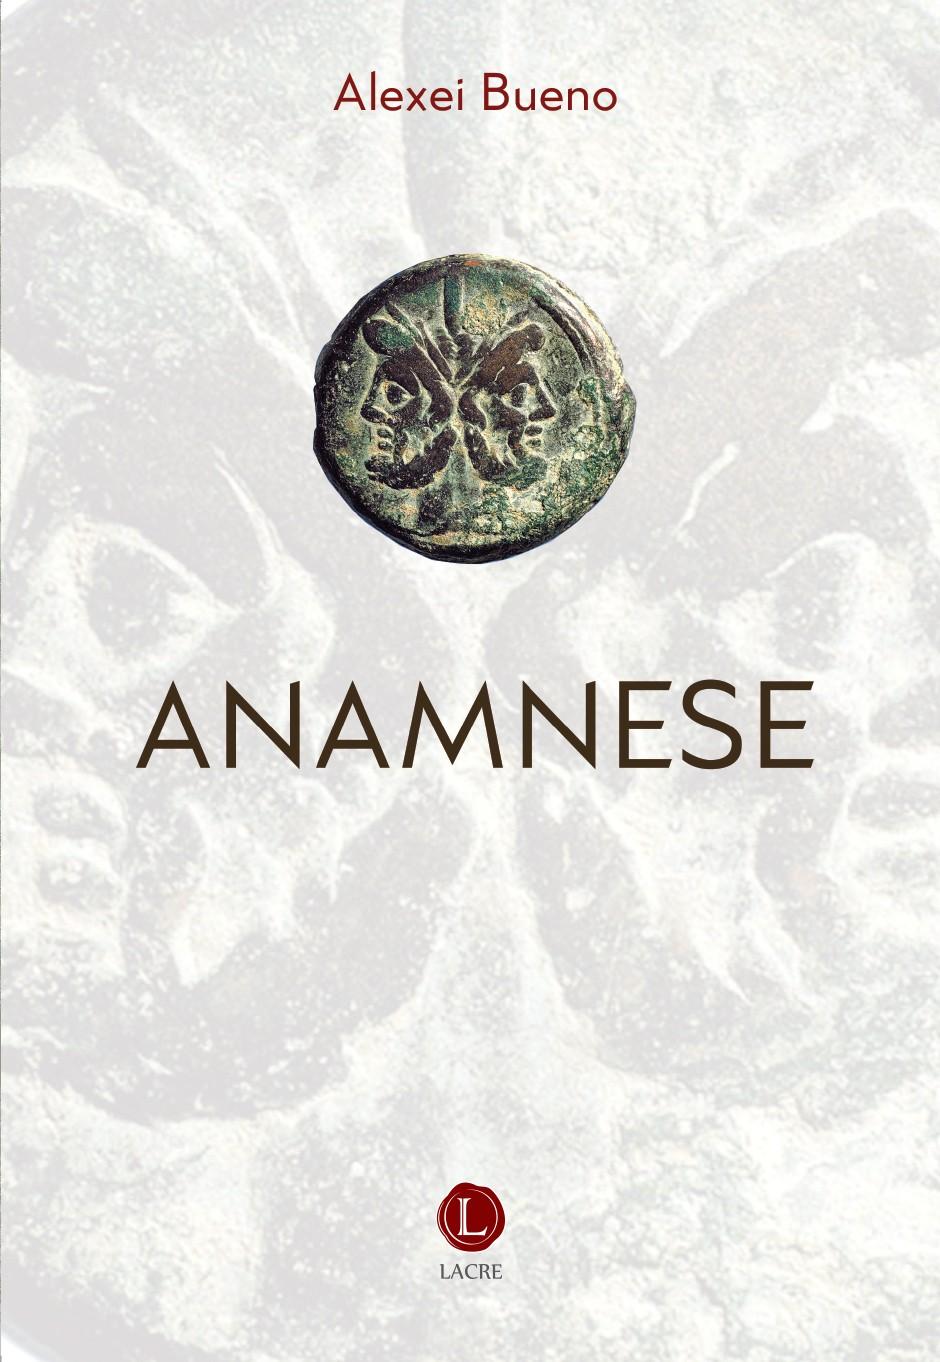 'Anamnese', de Alexei Bueno